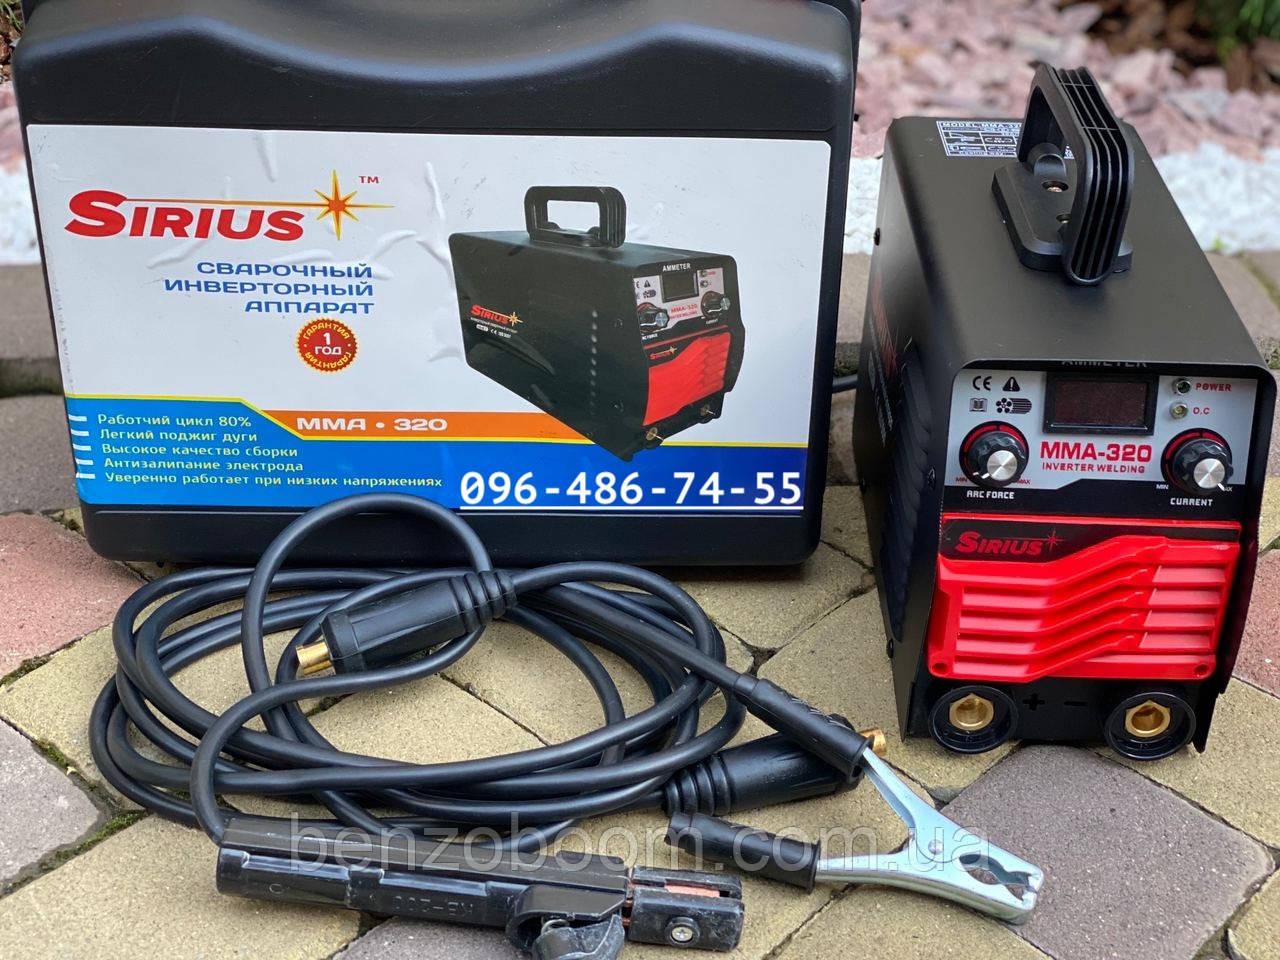 Сварочный инверторый аппарат Sirius MMA-320 с кейсом